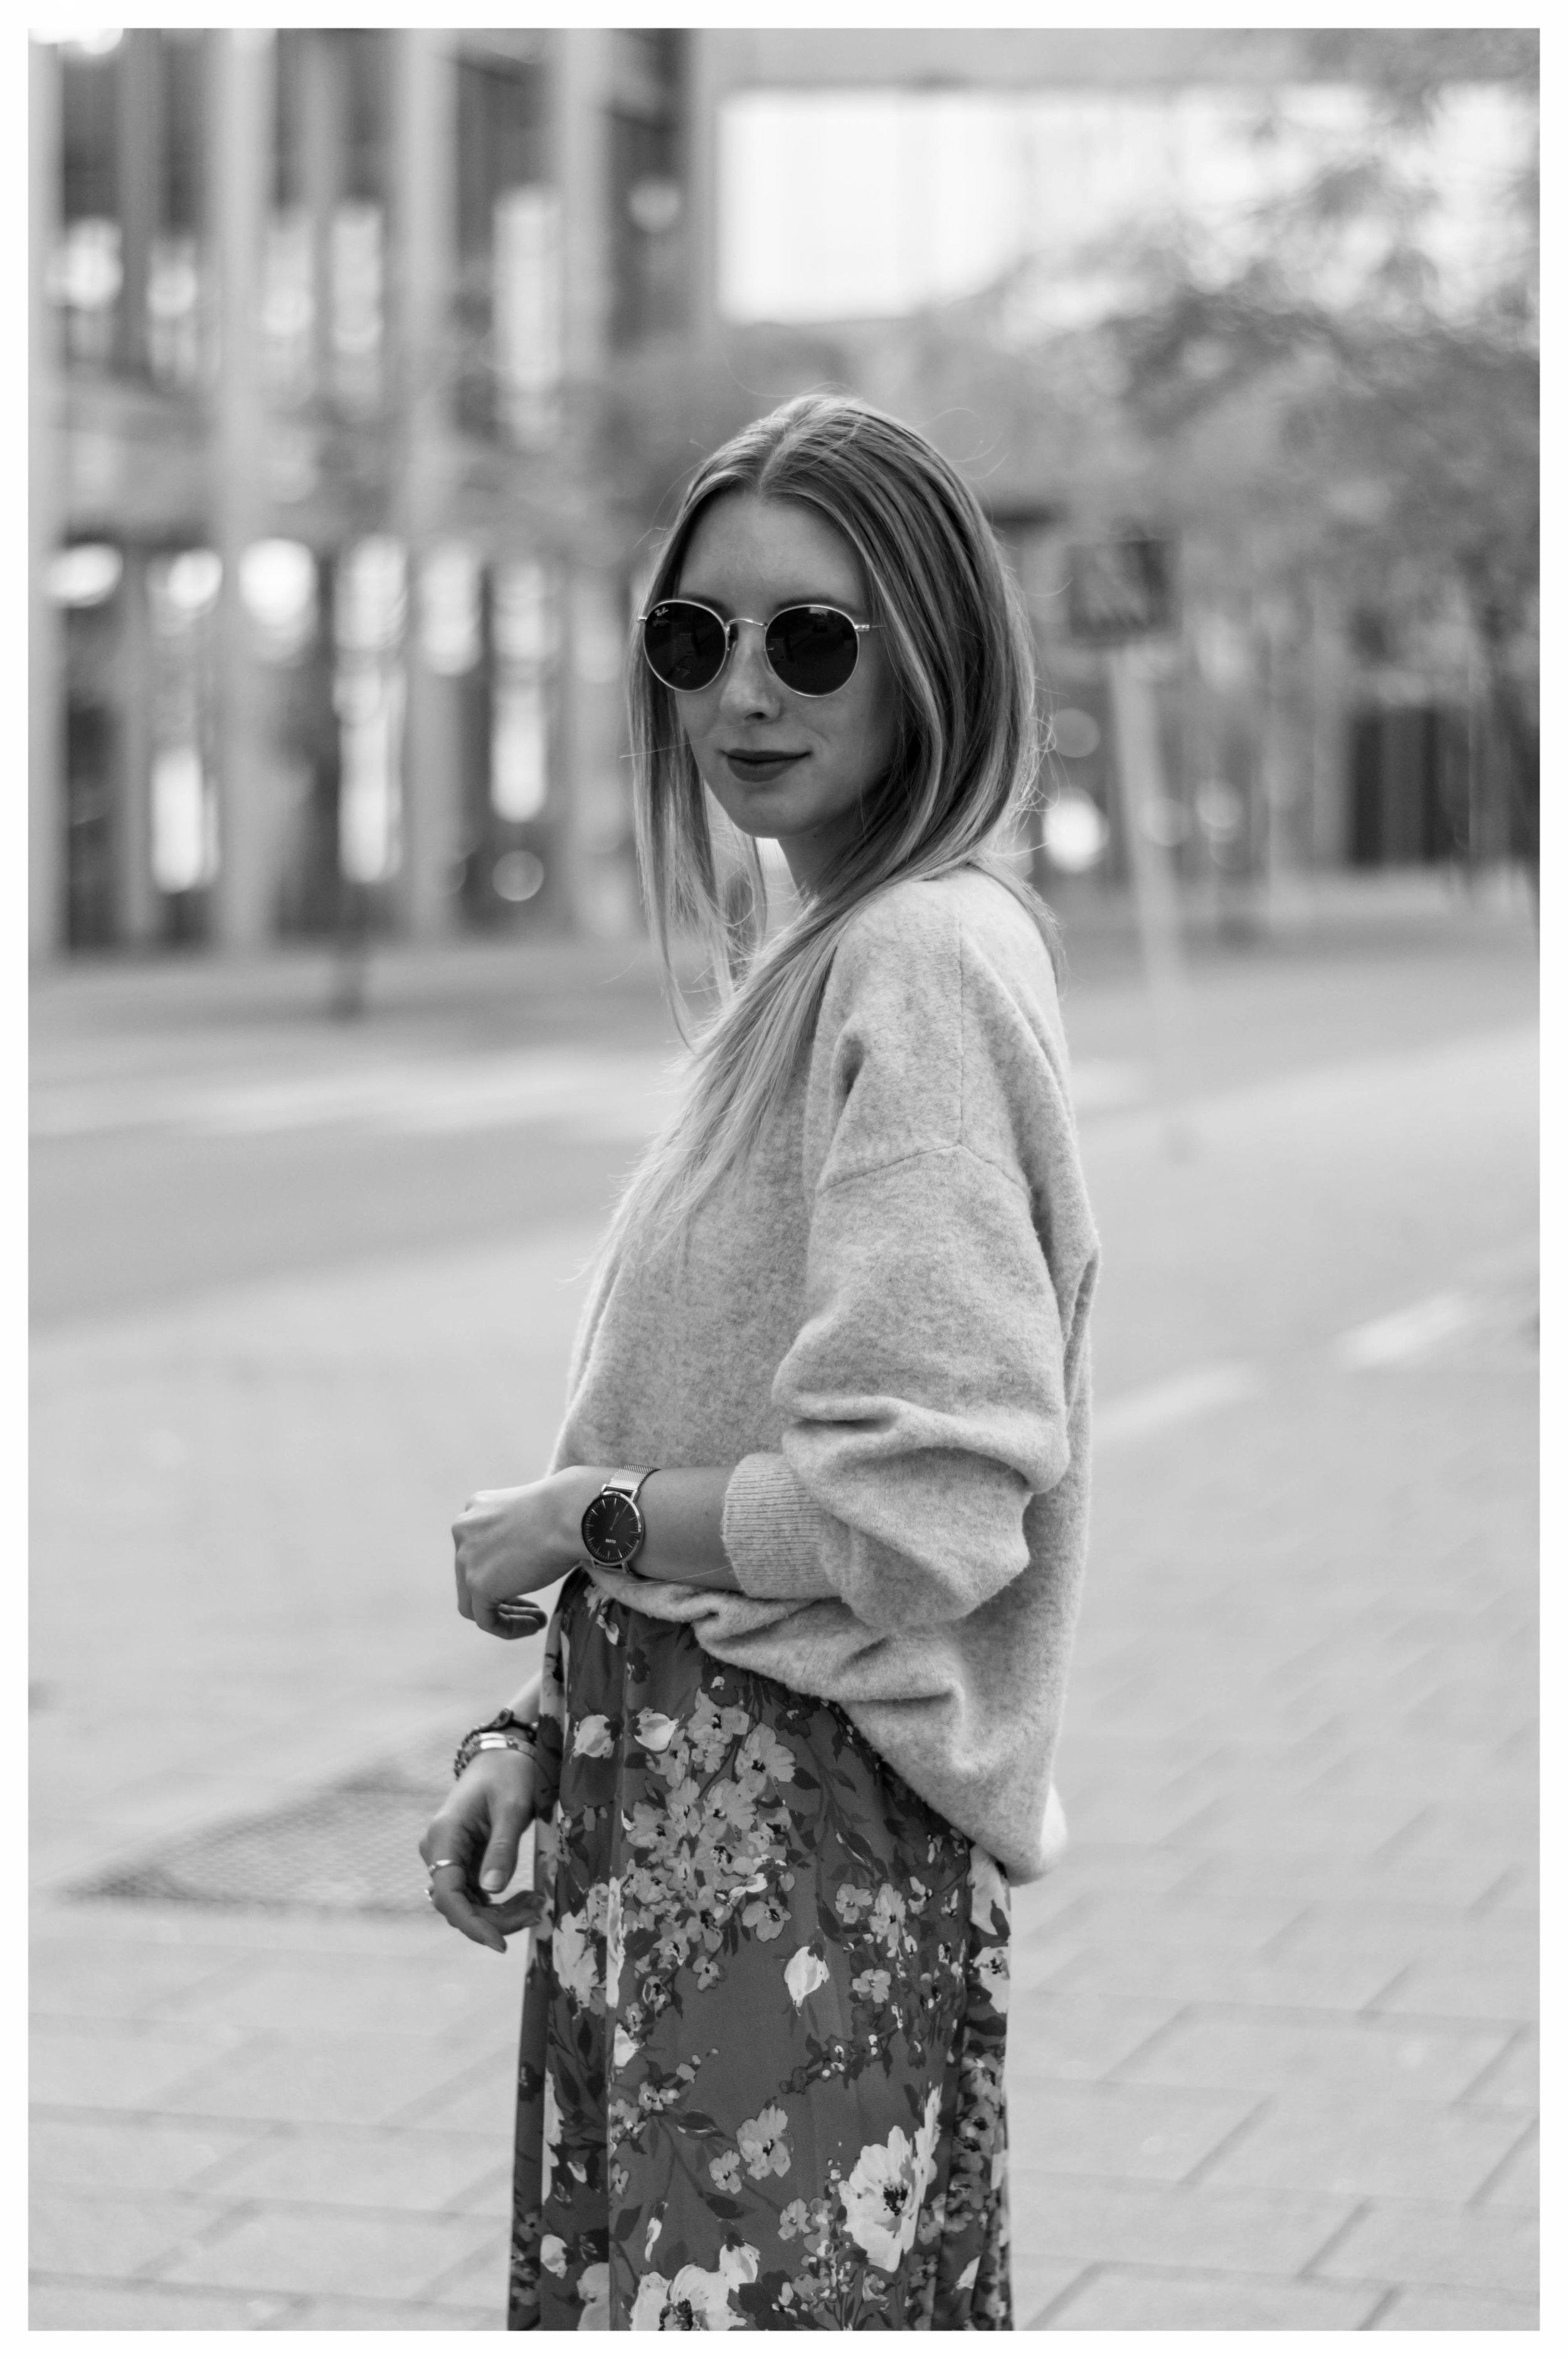 Floral Skirt Lux - OSIARAH.COM (2 sur 21).jpg